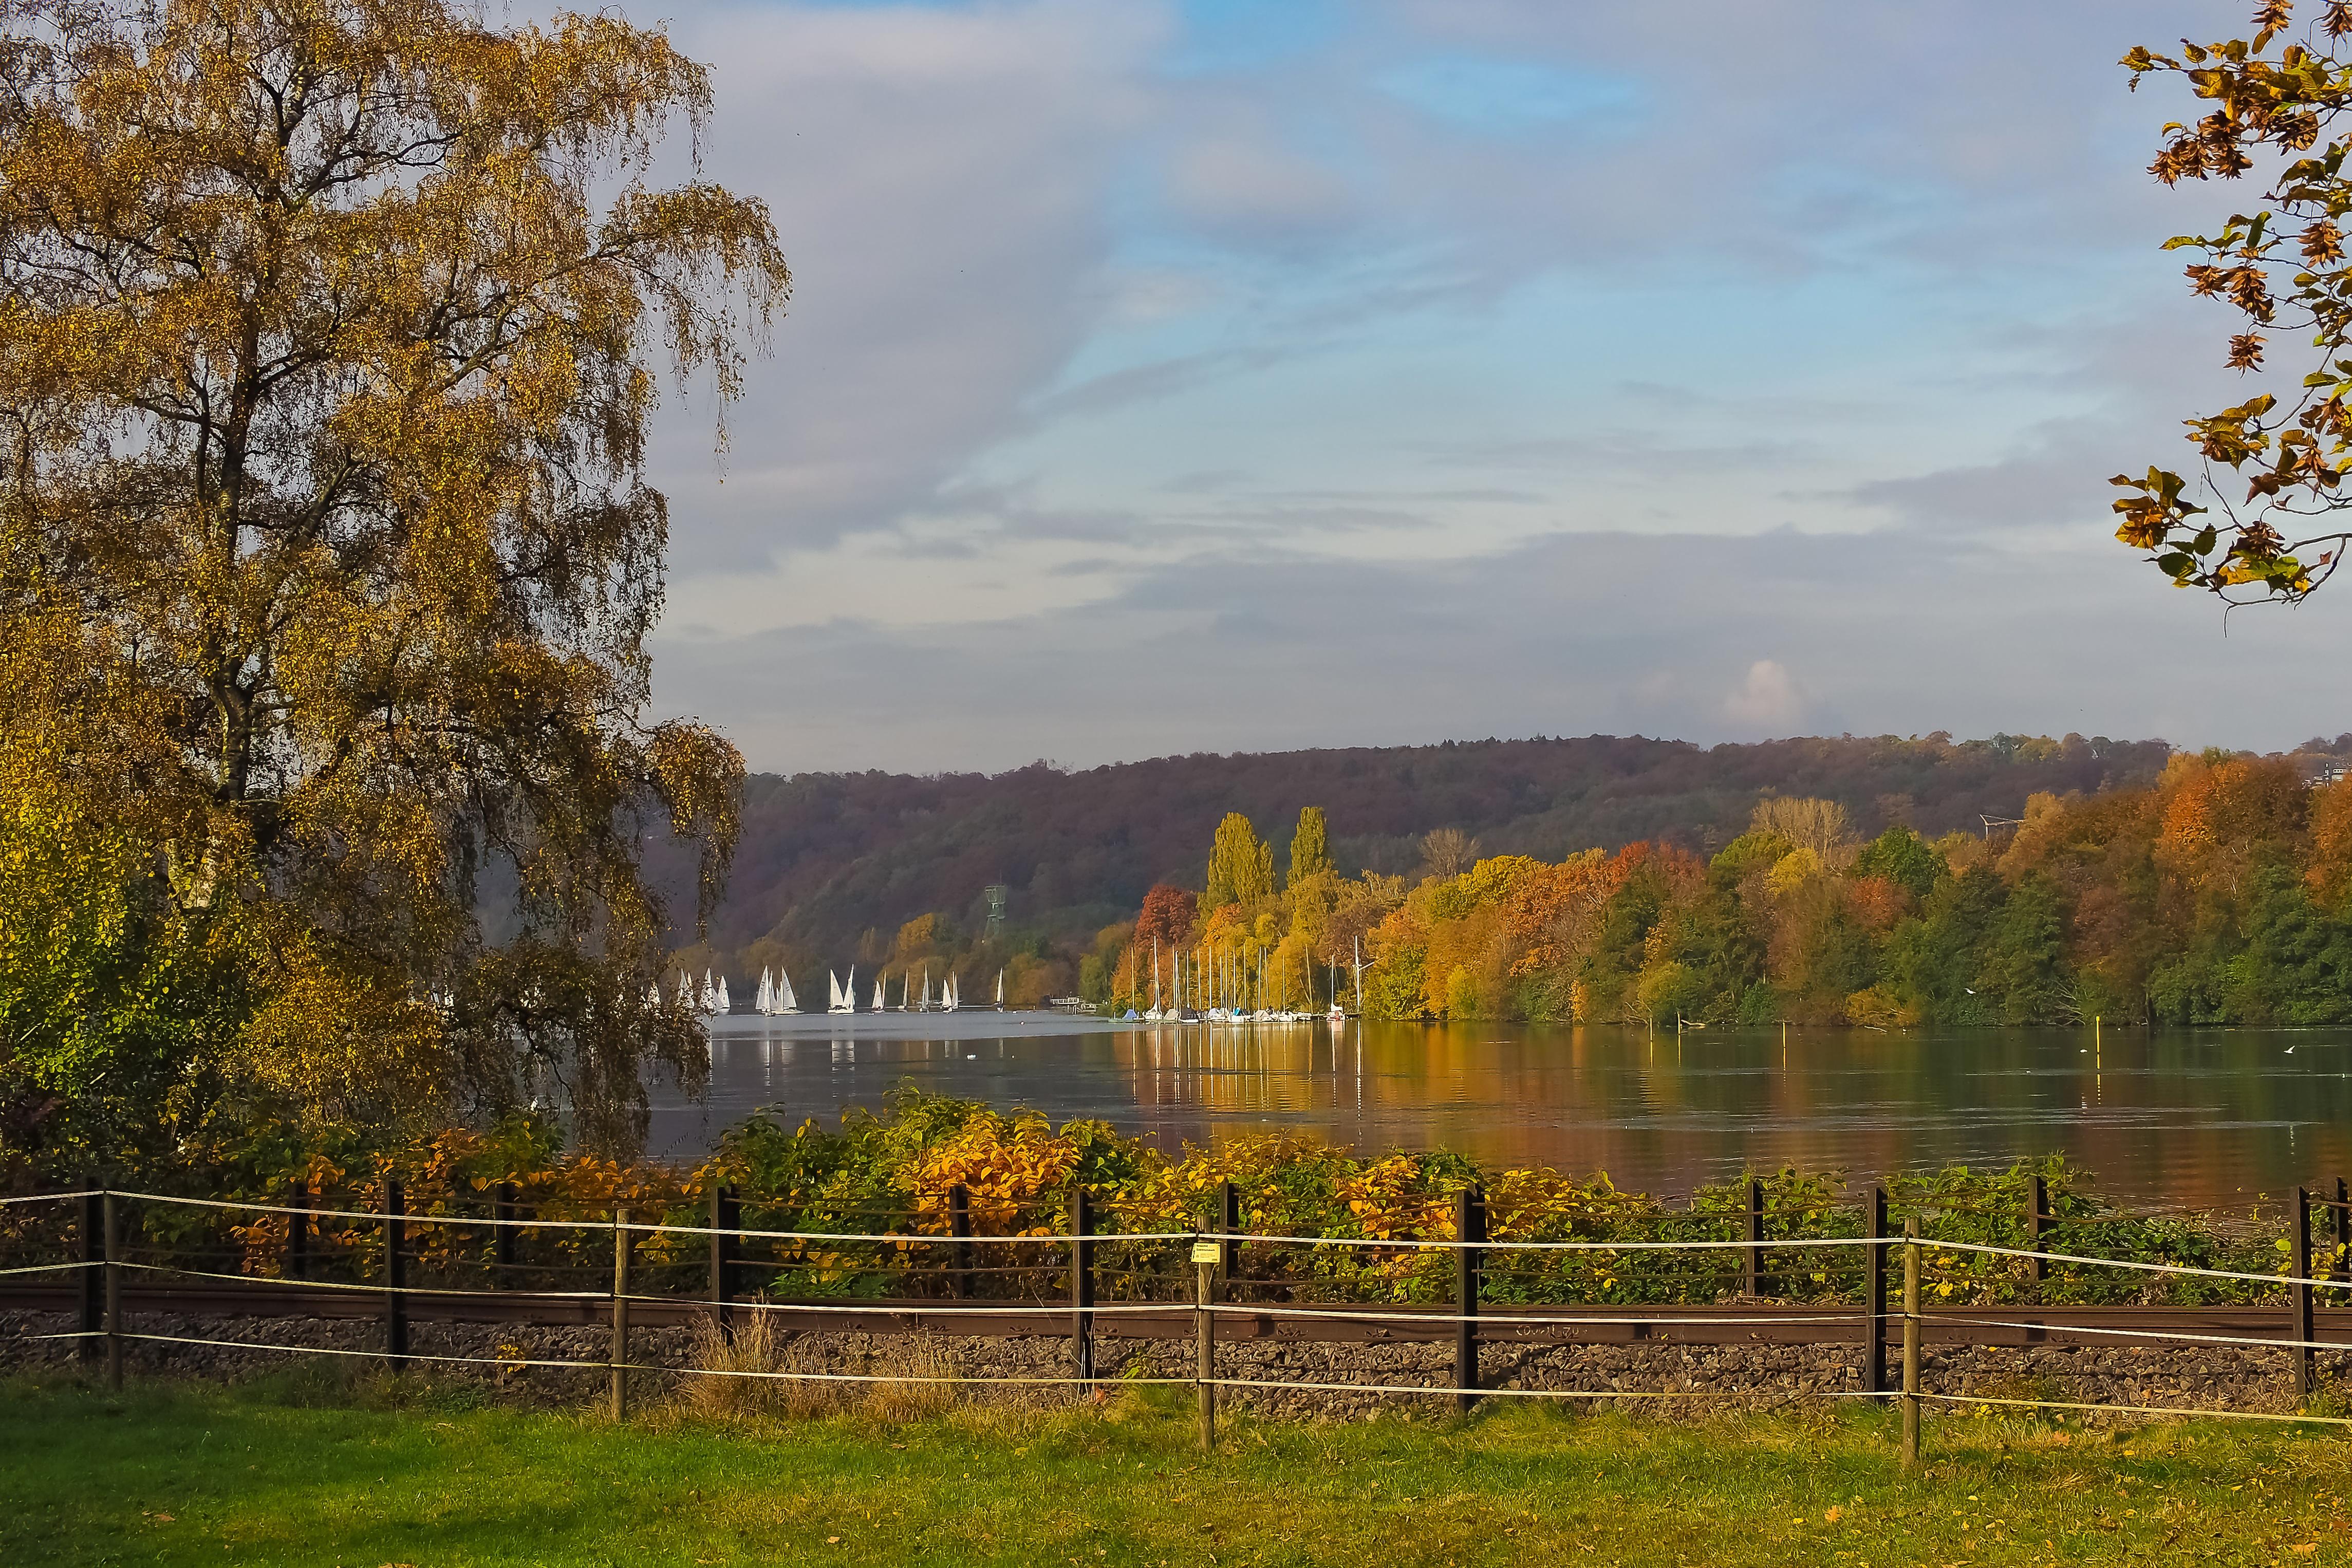 Kostenlose foto : Landschaft, Baum, Wasser, Natur, Wald, Gras ...